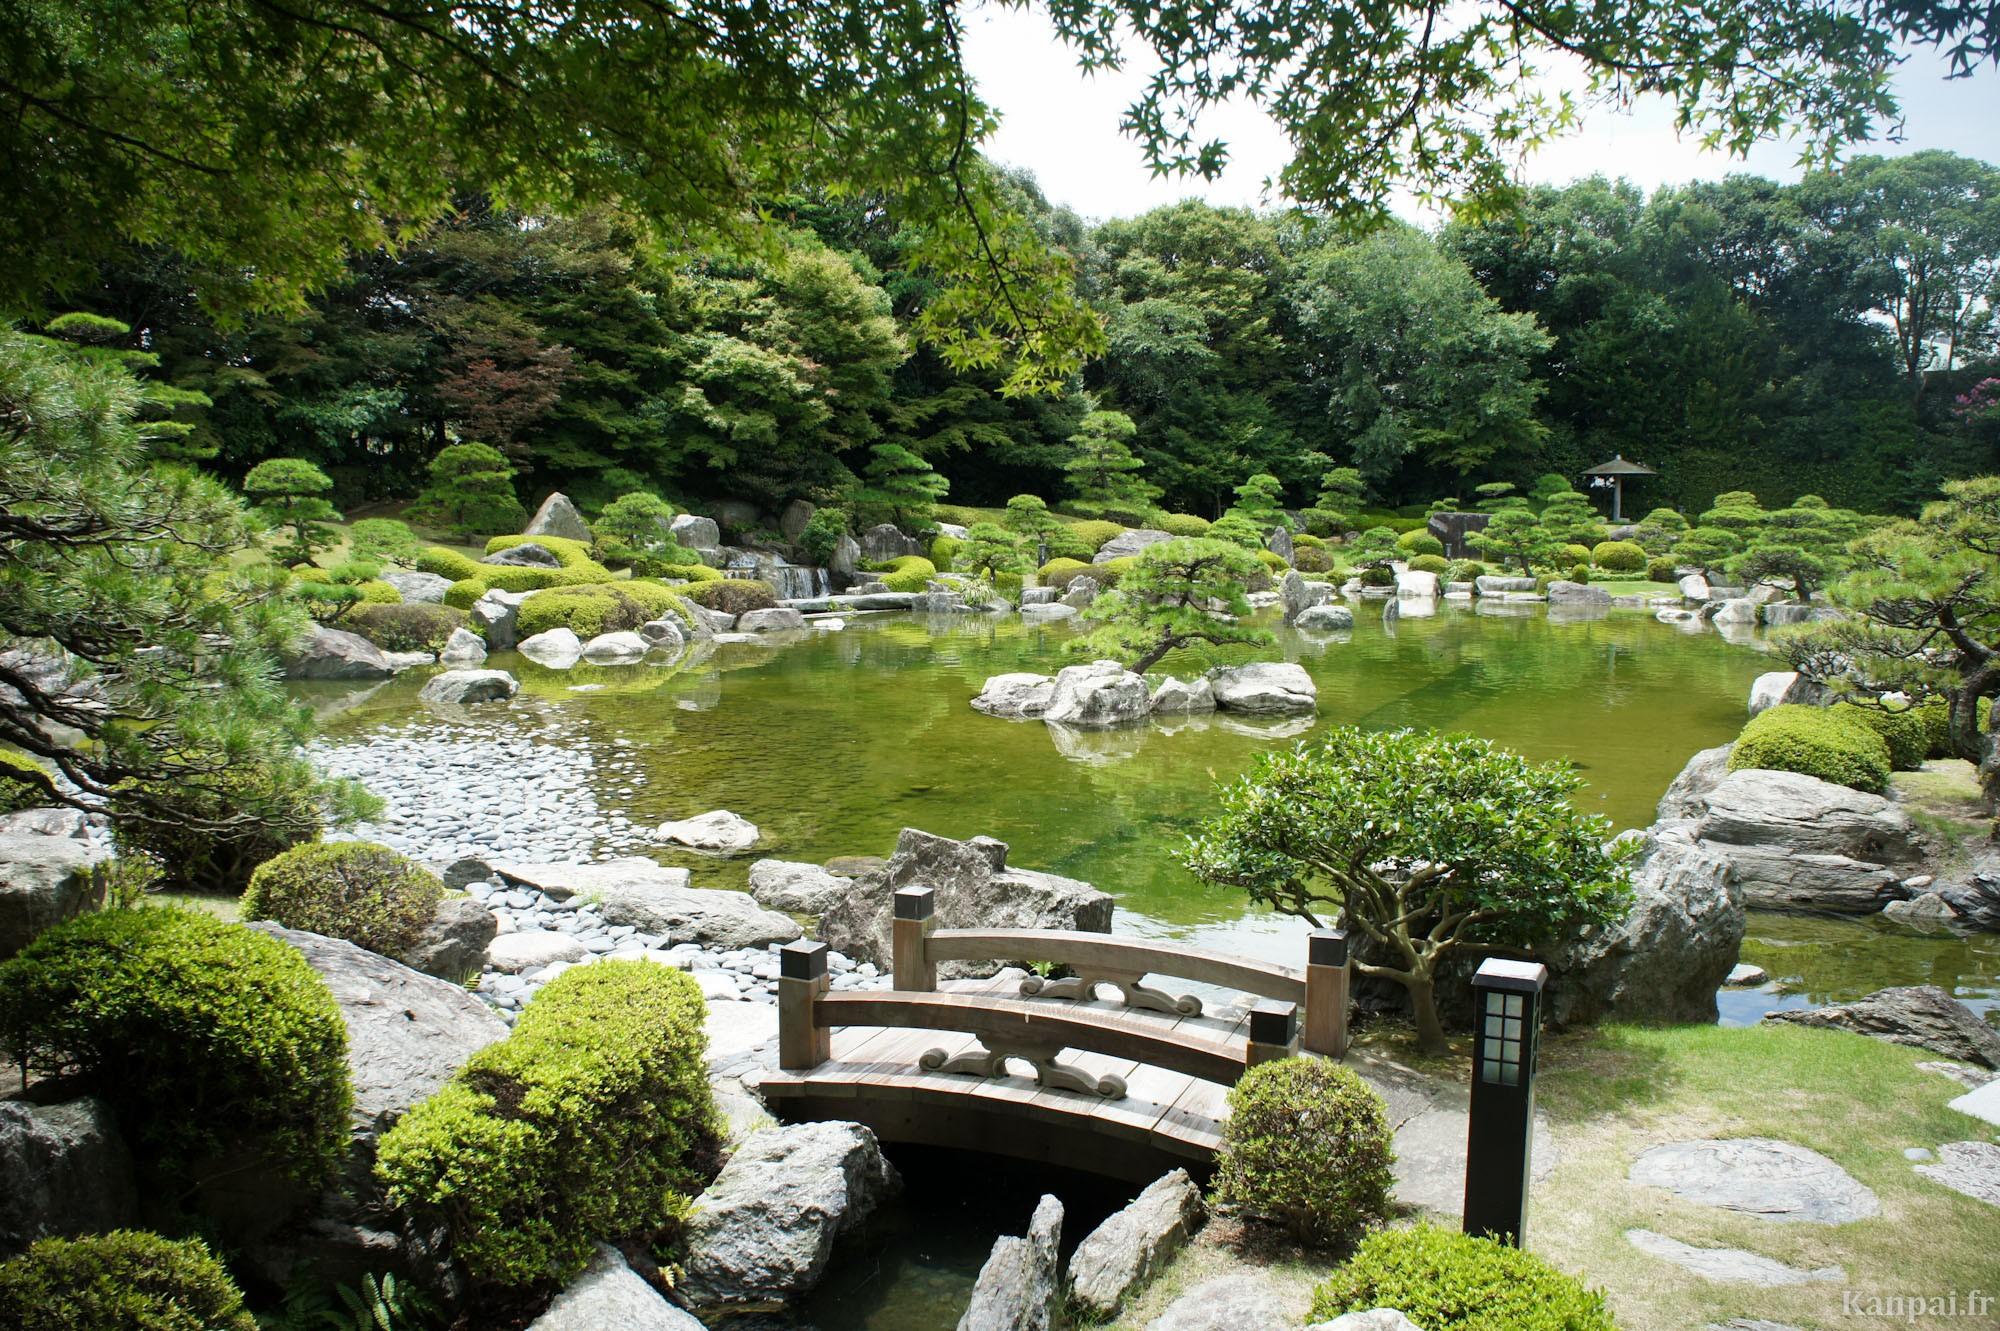 japanese gardens parks. Black Bedroom Furniture Sets. Home Design Ideas